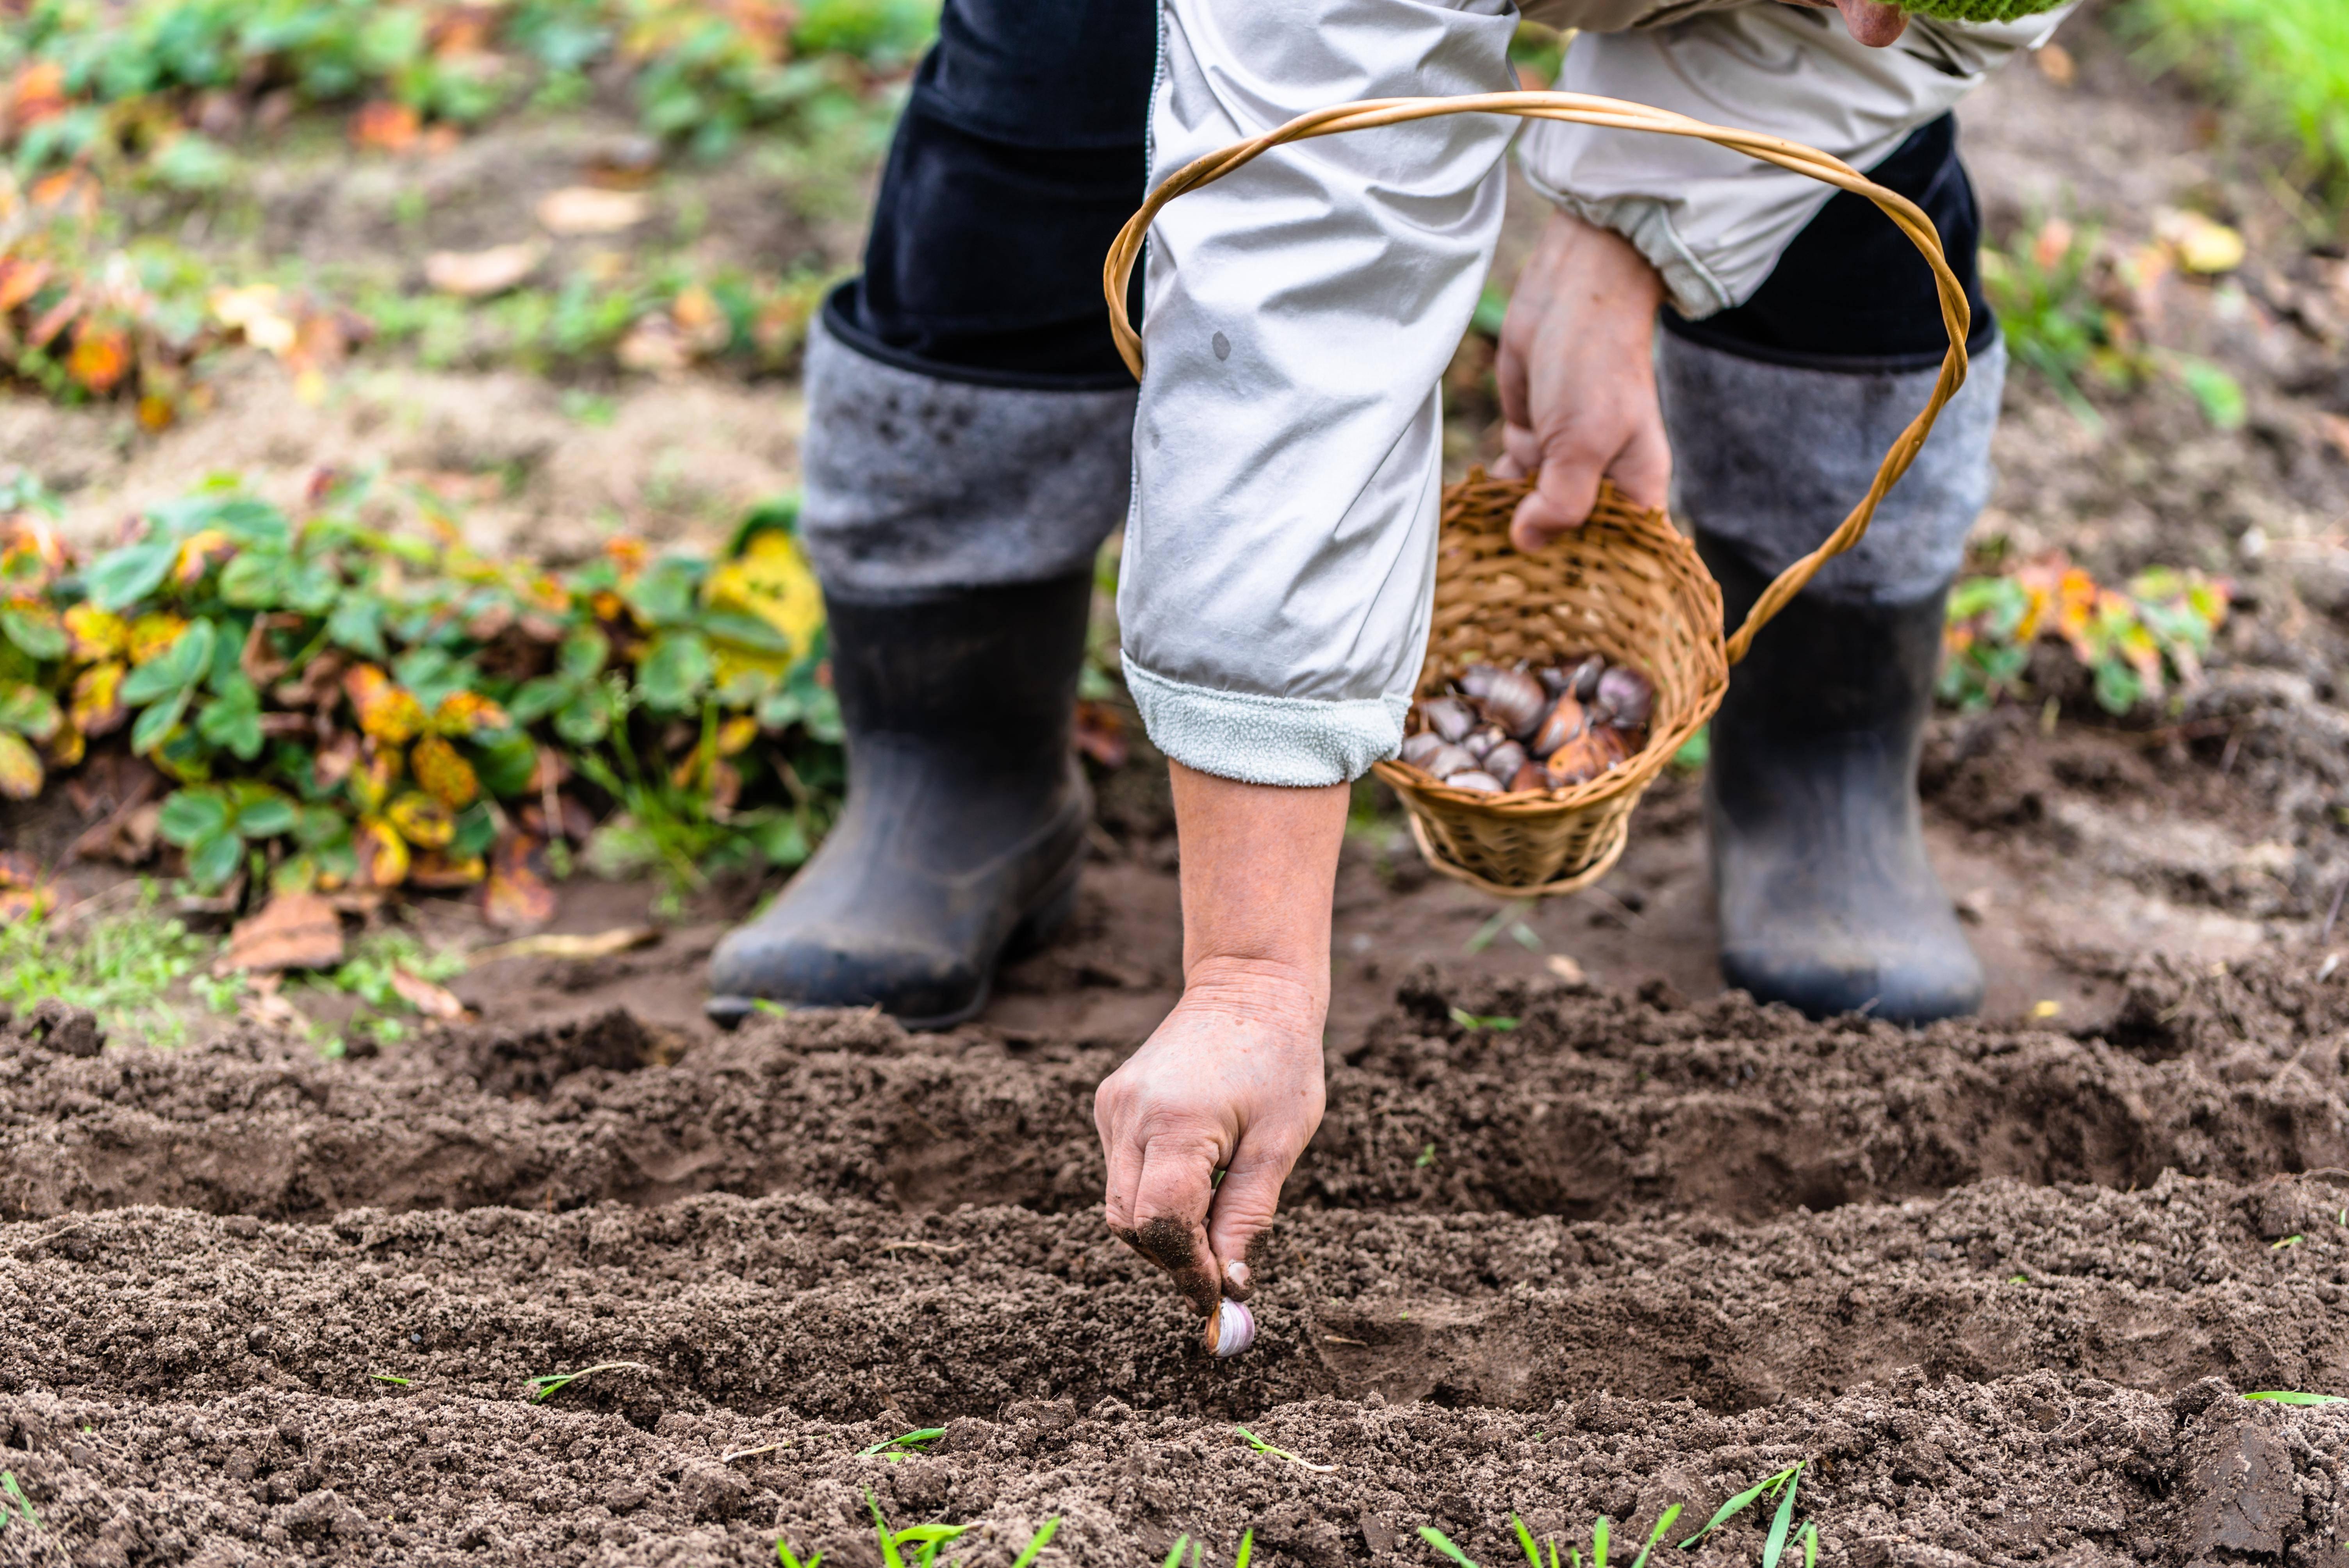 Вместо фитнеса: можно ли считать работу в саду тренировкой?